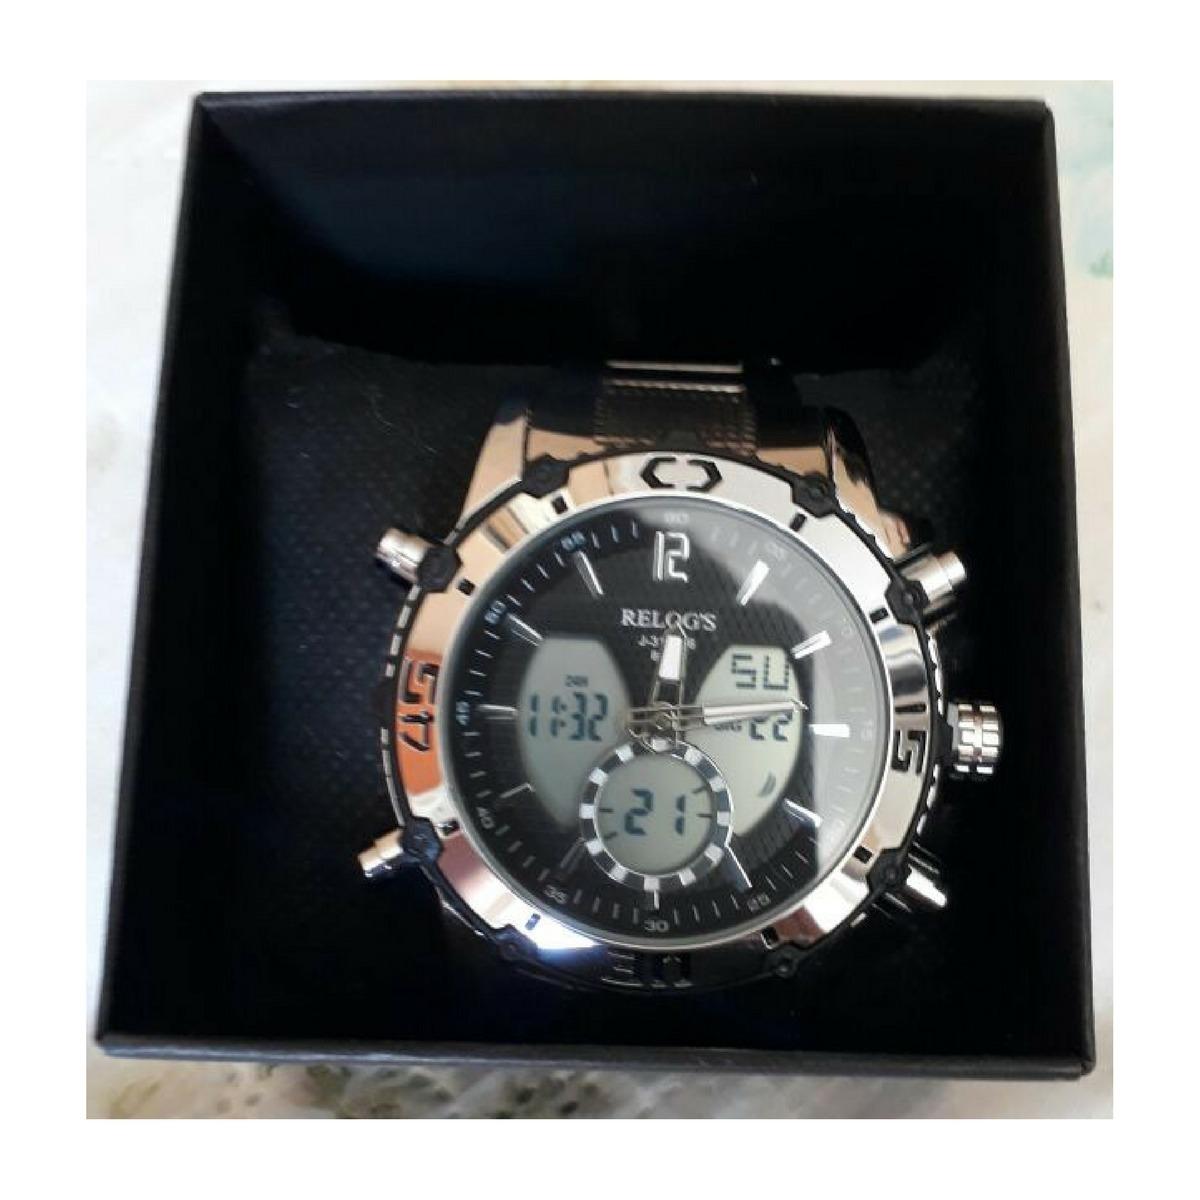 88c58a55ca2 Relógio Relog s Prova D Água Modelo Rr8110 - Frete Grátis - R  119 ...